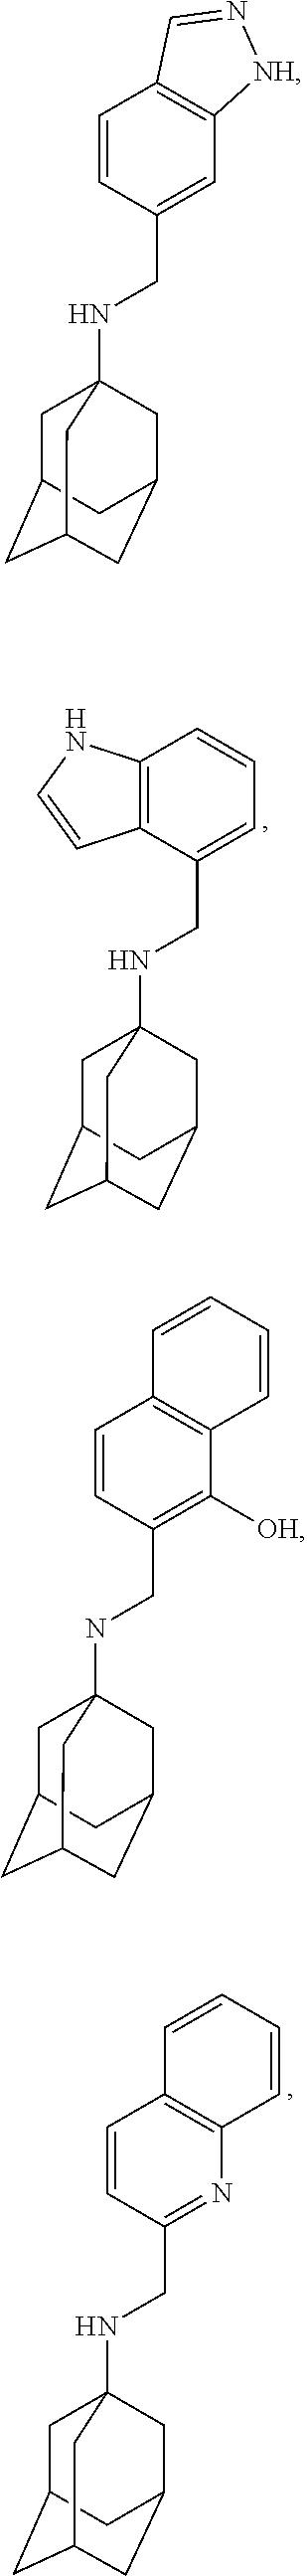 Figure US09884832-20180206-C00026